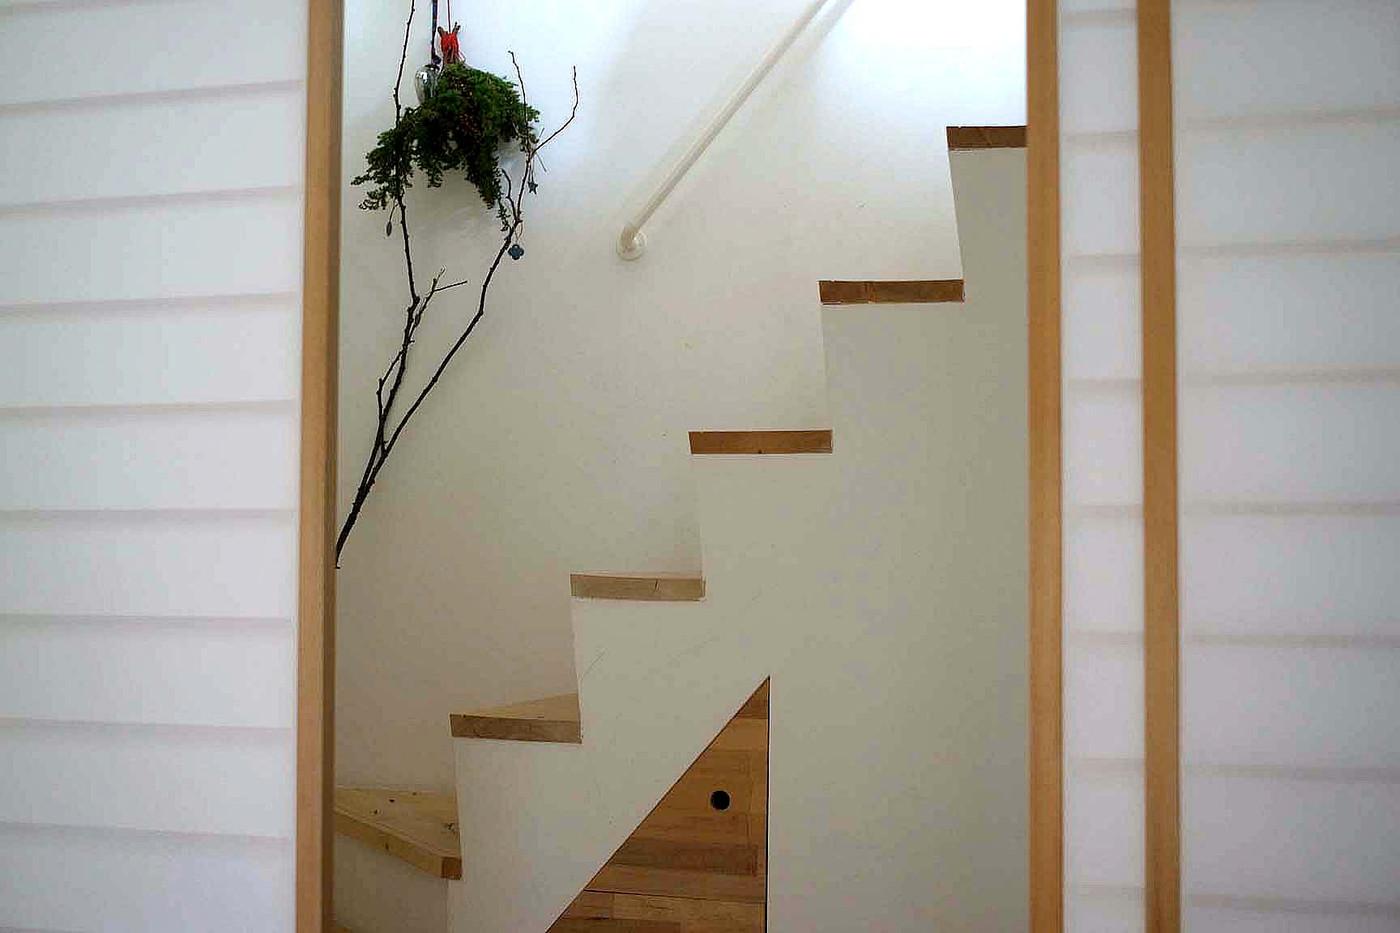 1Fの個室は障子で仕切り、お客さん用の部屋としても使えます。1Fは天井を低くしており、階段を上がると水面へでるようなイメージかな。